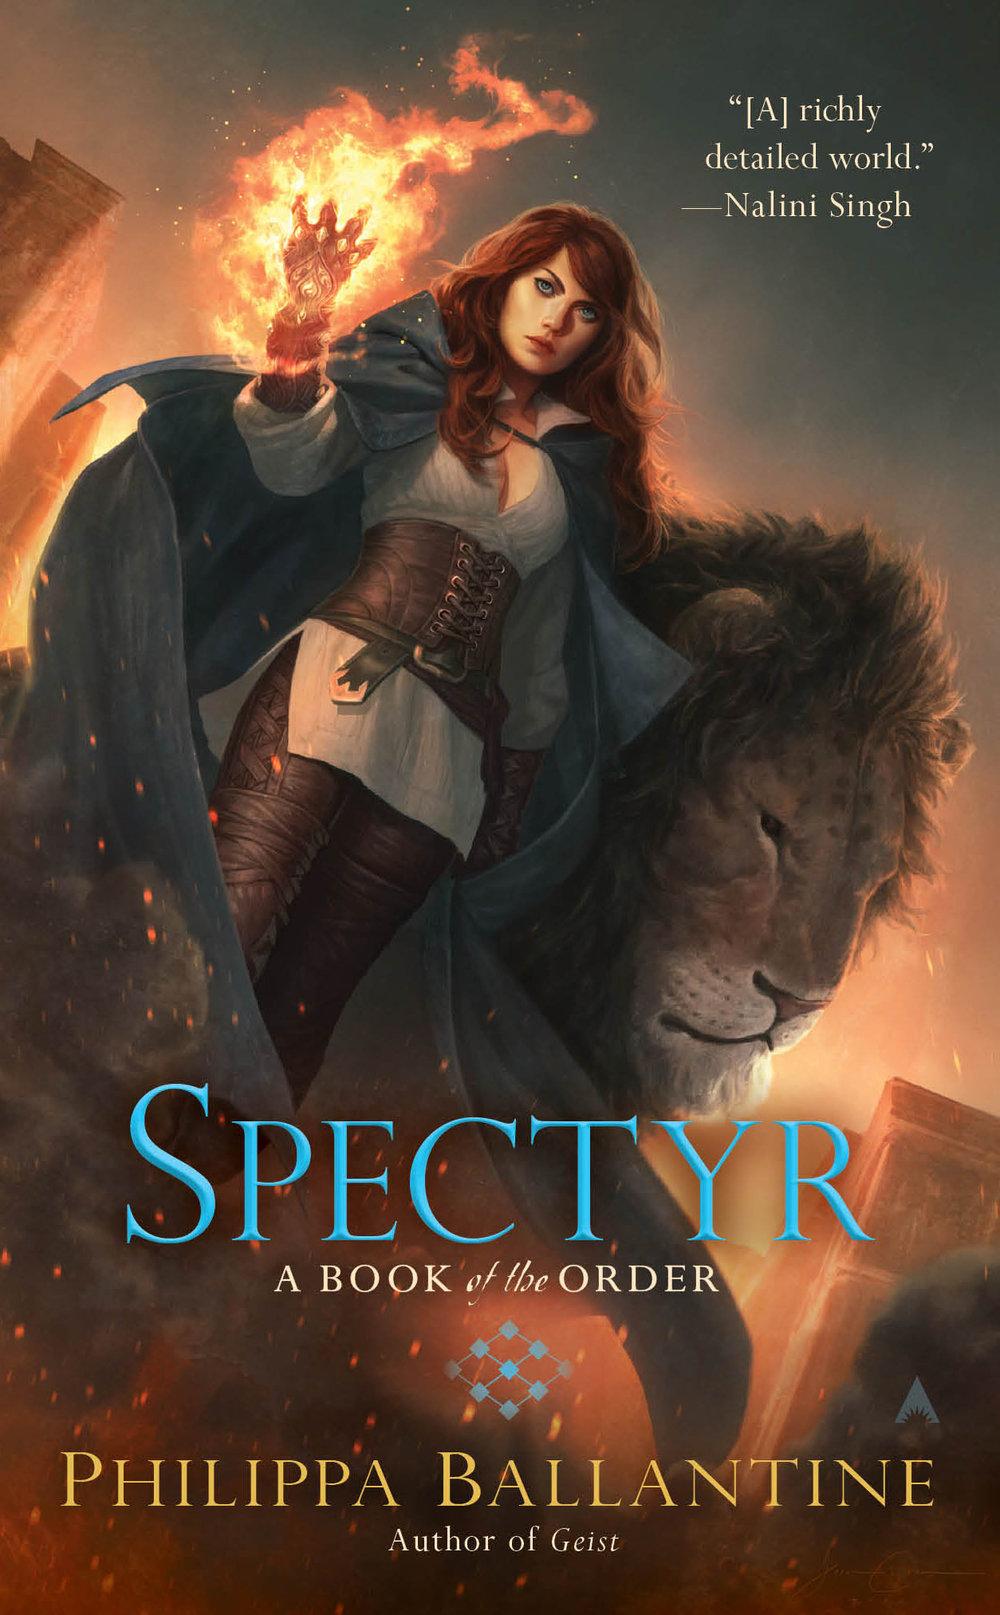 Spectyr_largecover-1.jpg